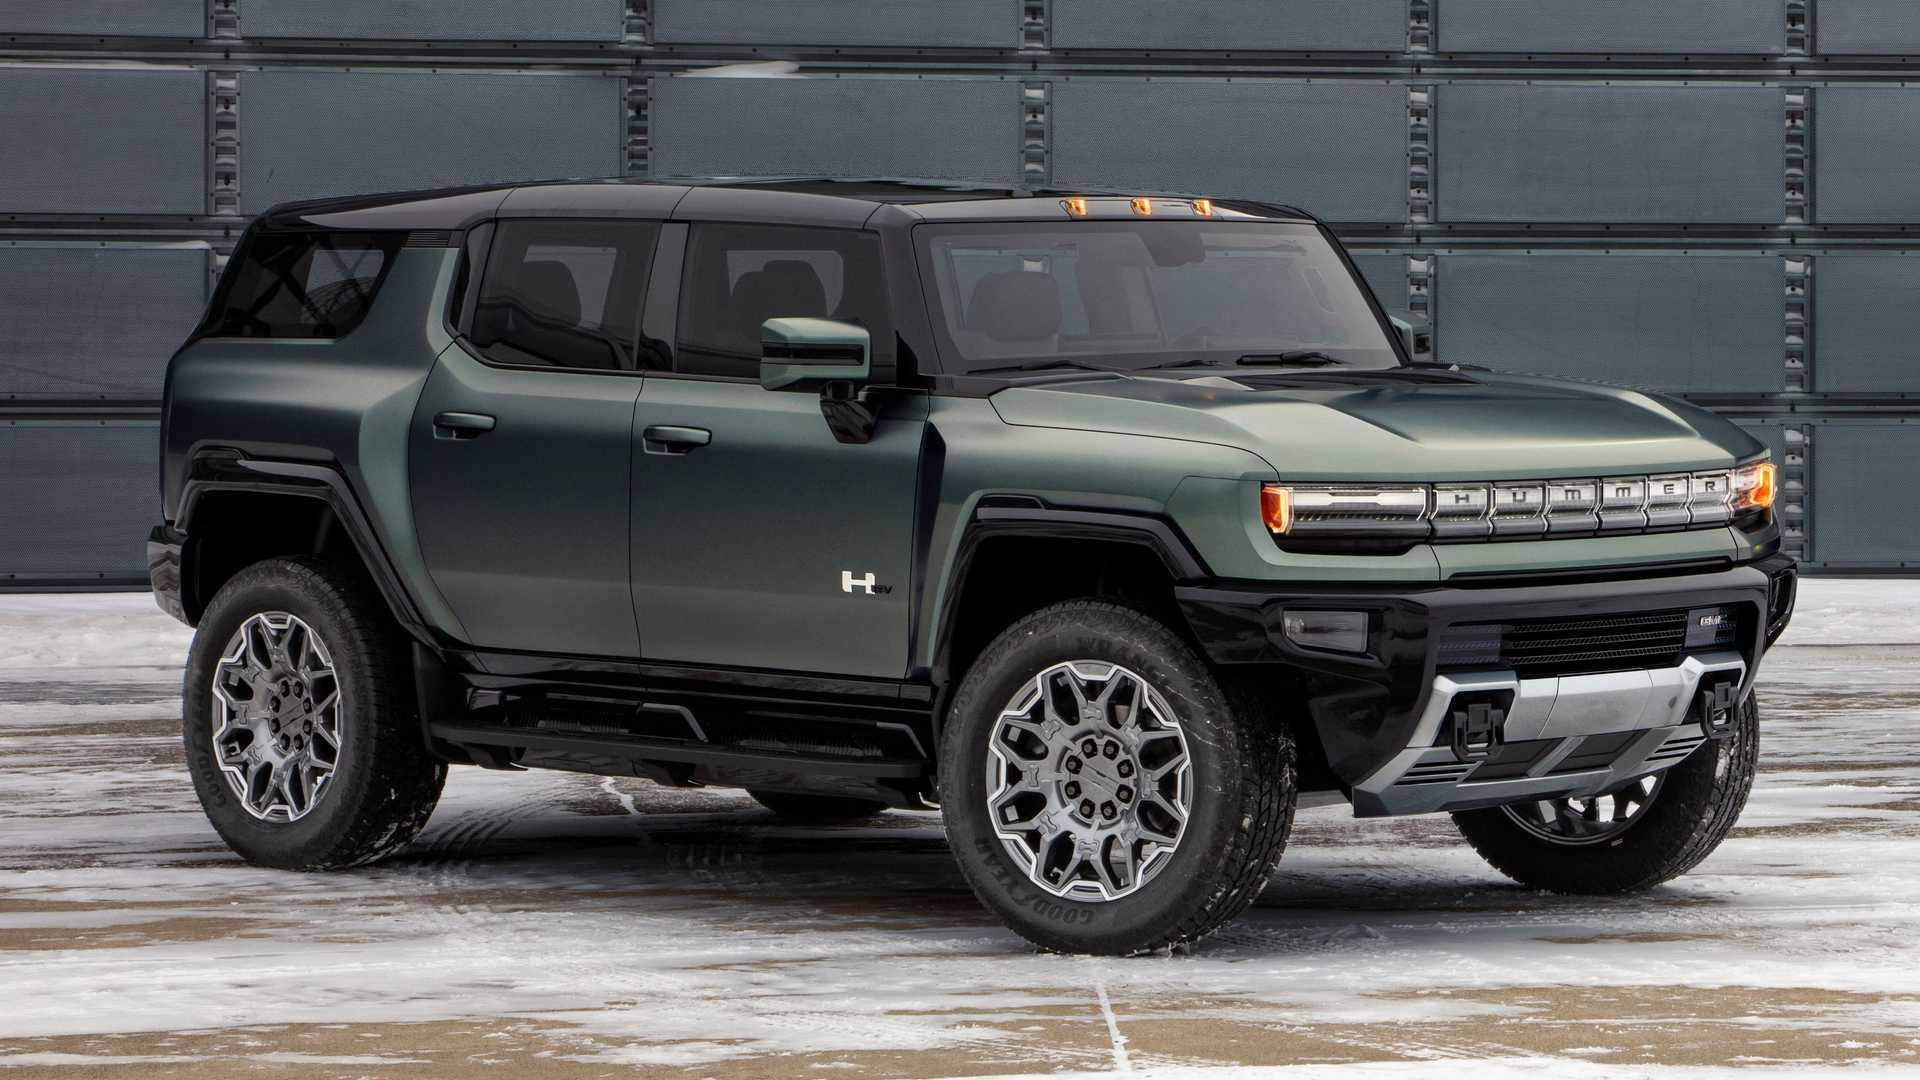 2023 Hummer EV Elektrik SUV Extreme Off-Road 3 Motor